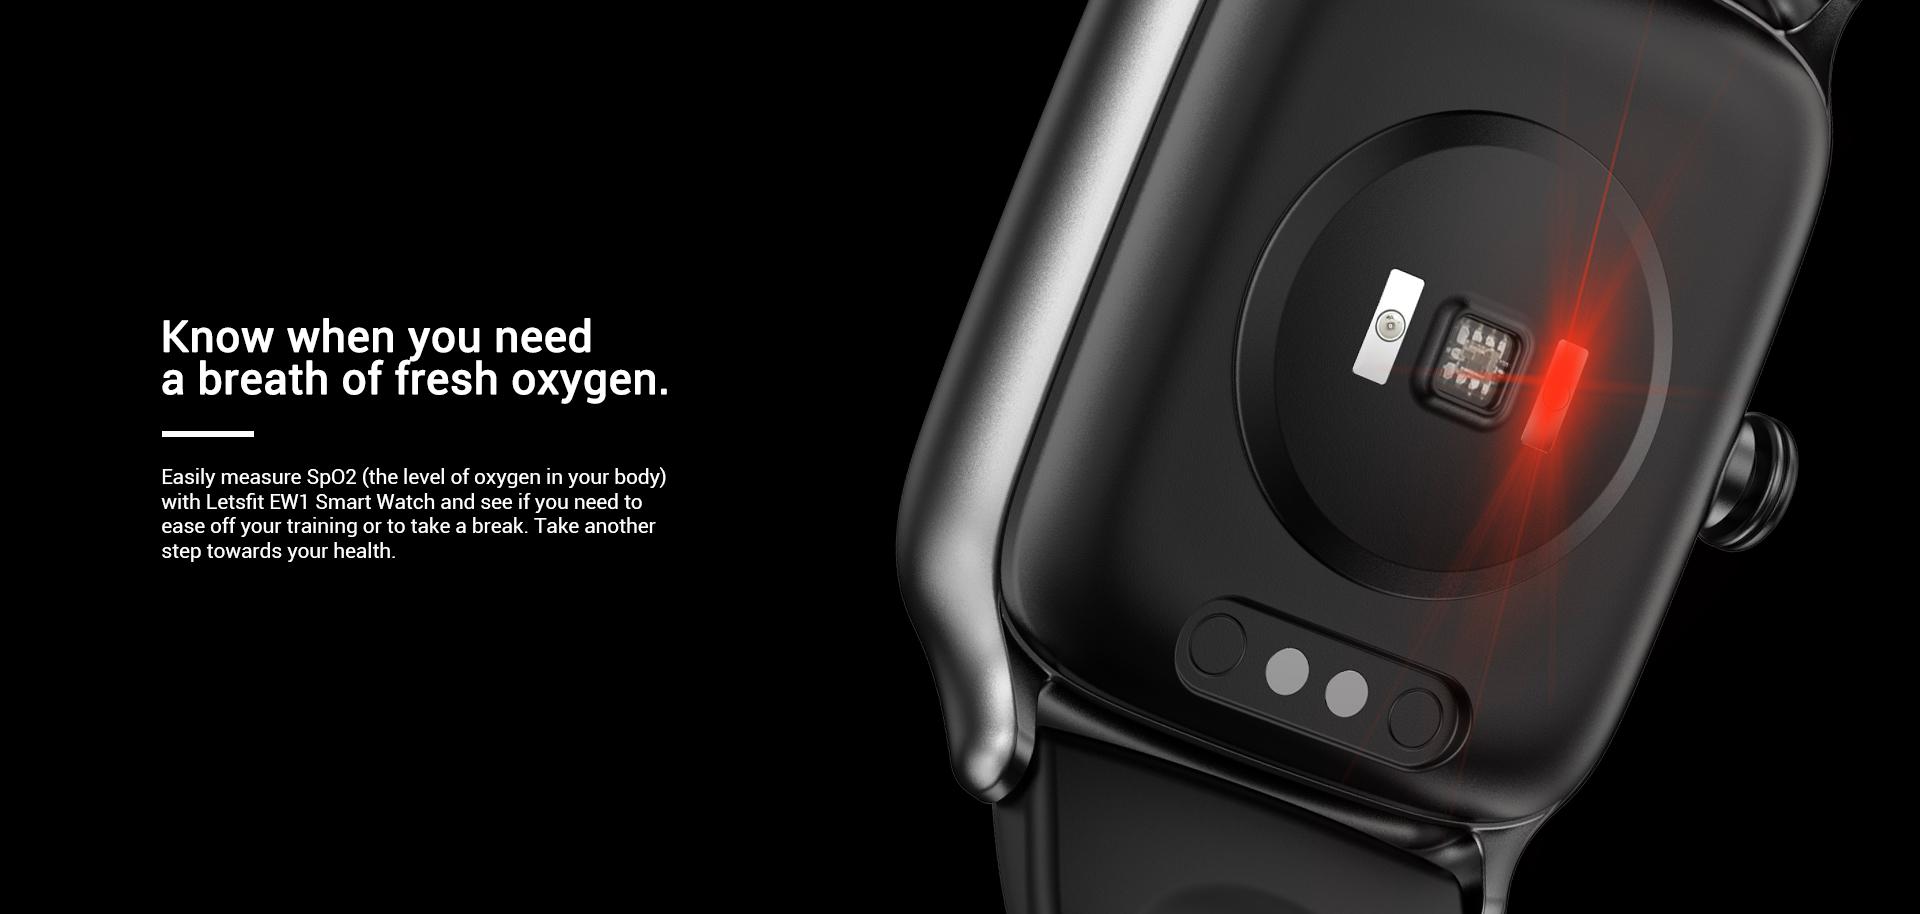 smart watch spo2